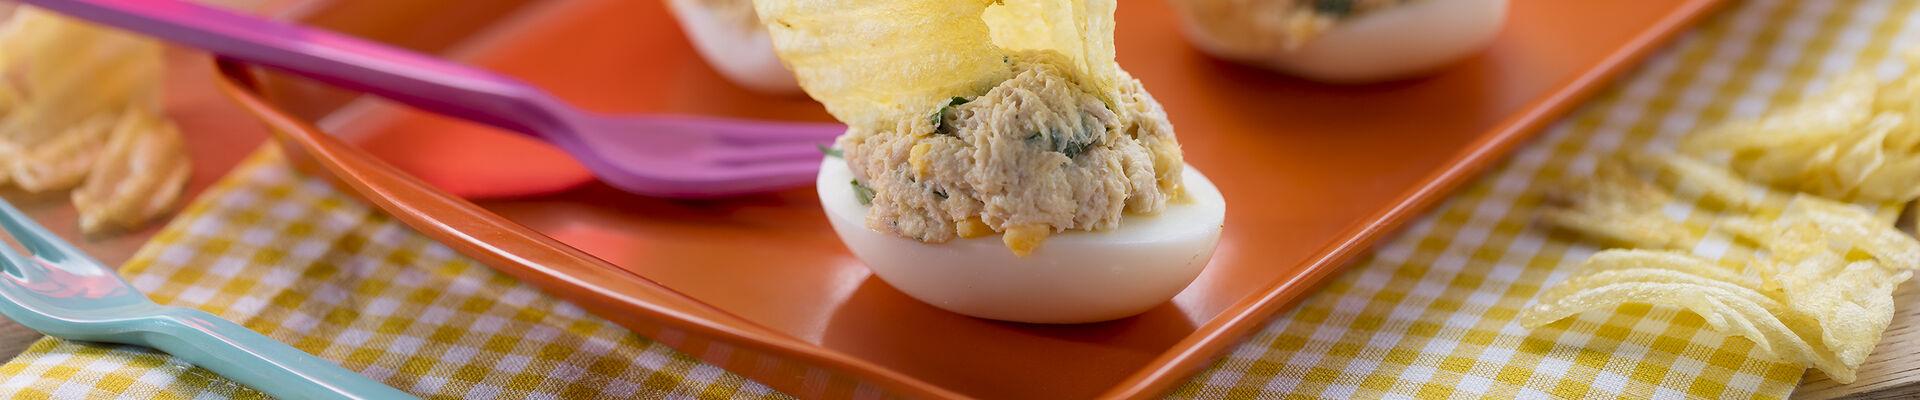 Barquettes aux œufs et au thon